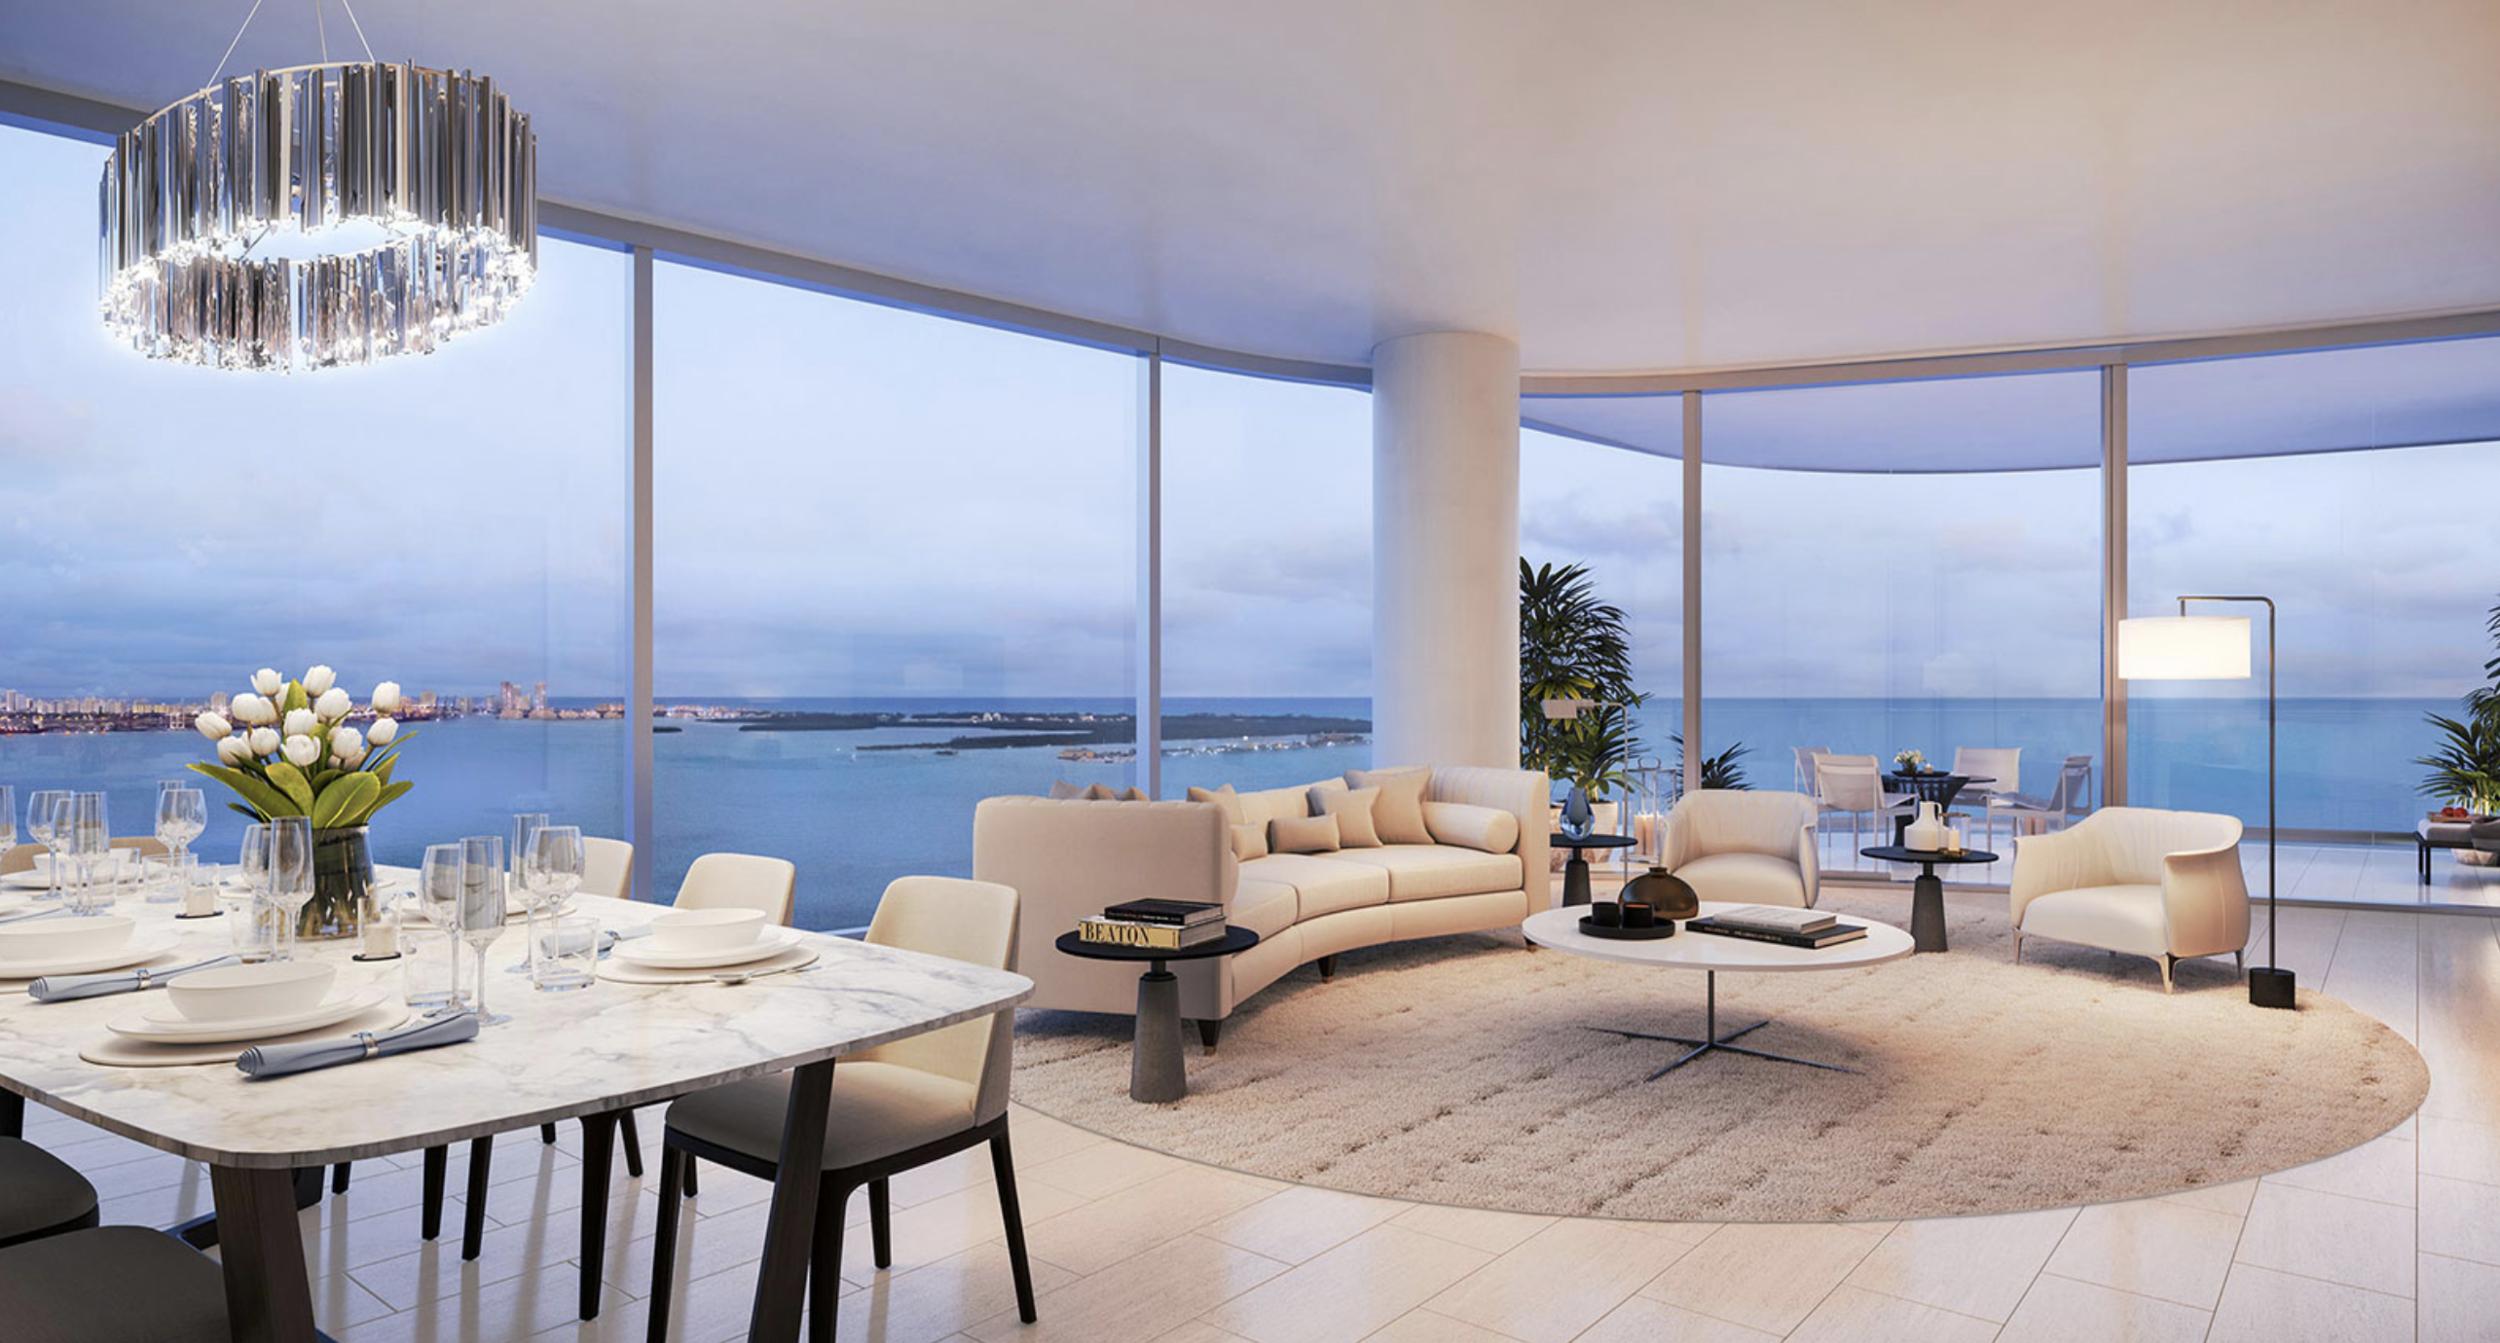 Una Residences Rendering